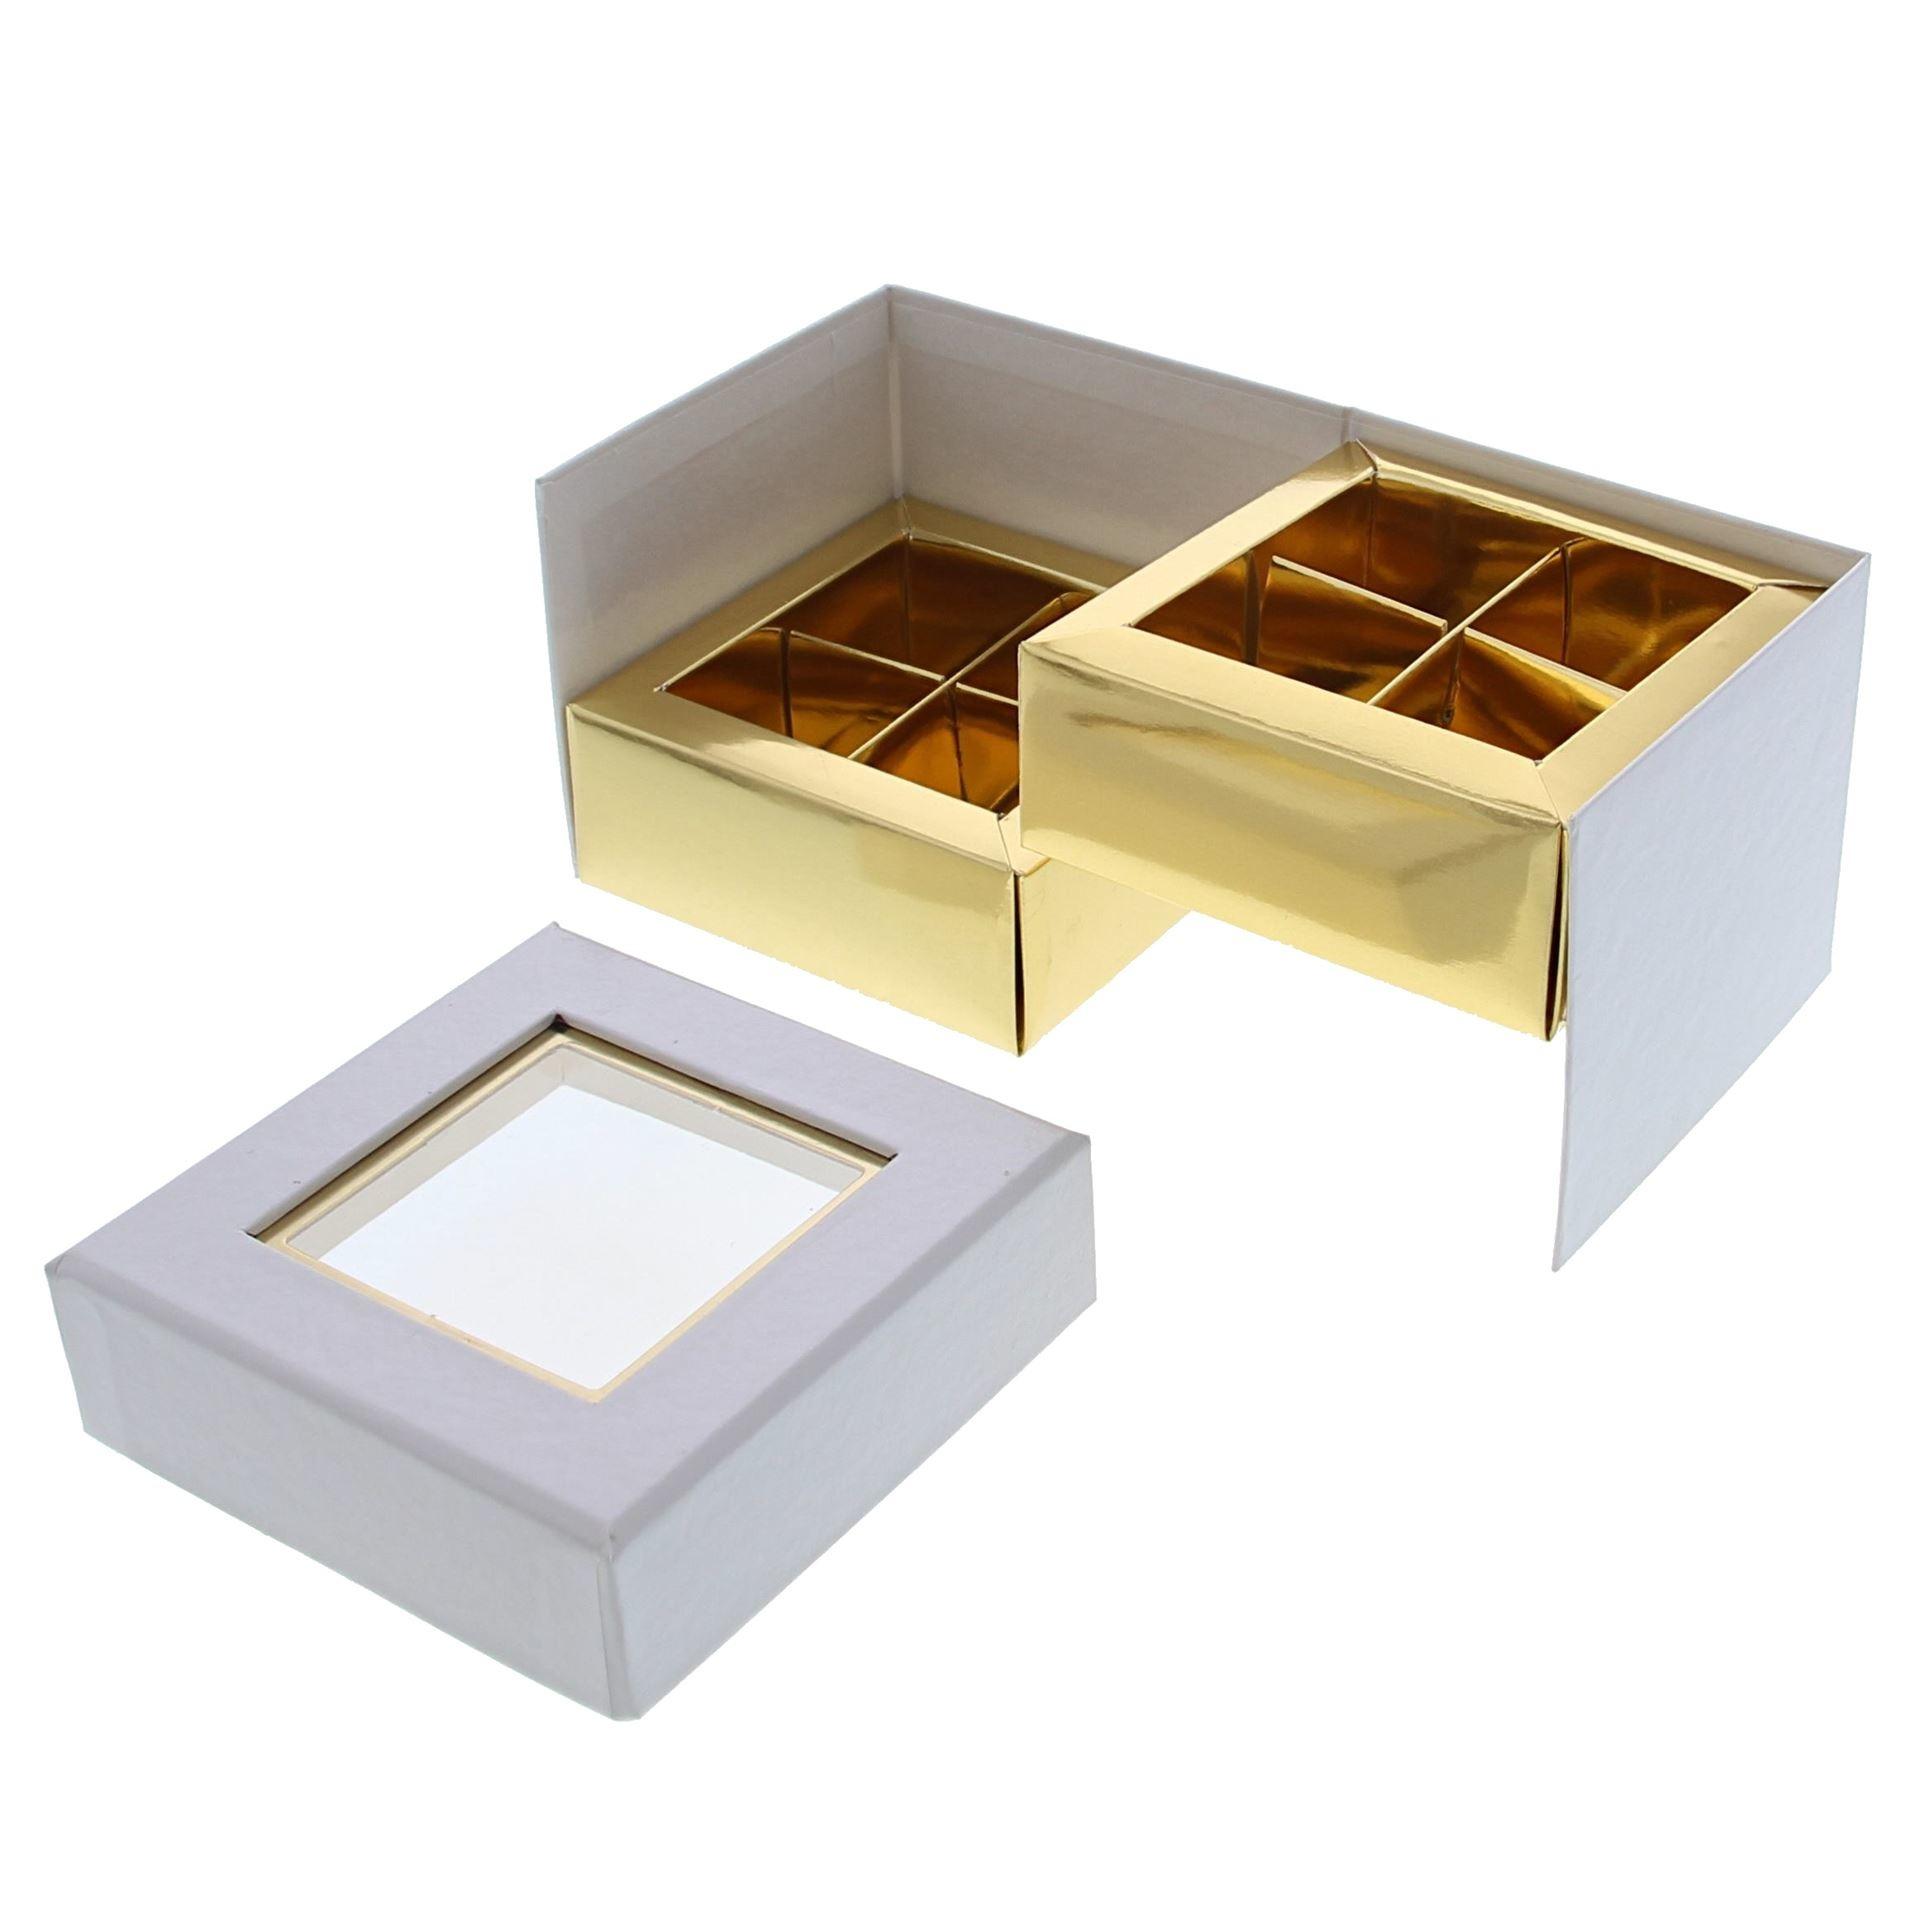 Boite à fenêtre  cube blanco 2 niveles - 90 *90*75 mm - 10 unidades